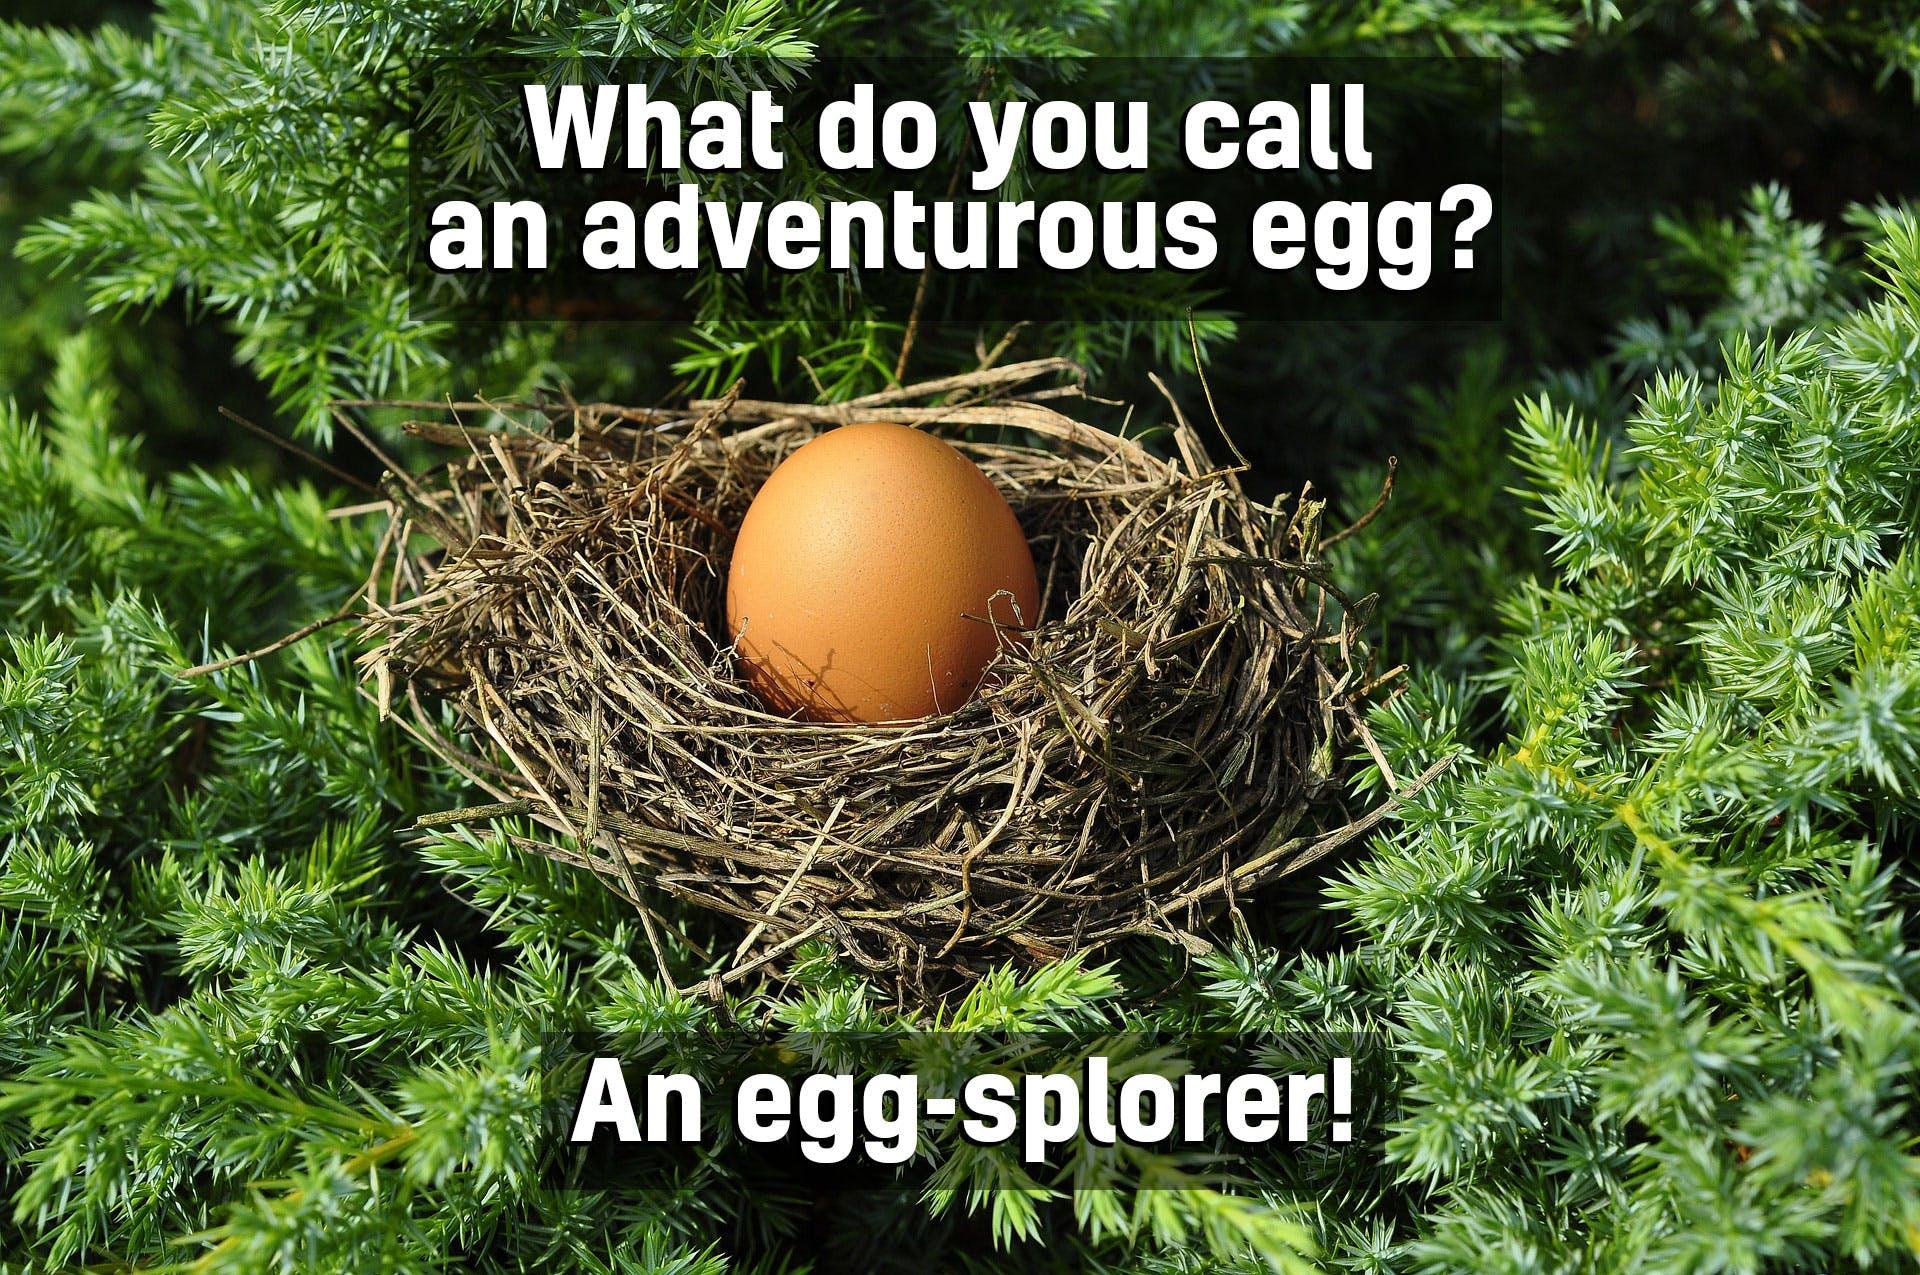 Easter joke